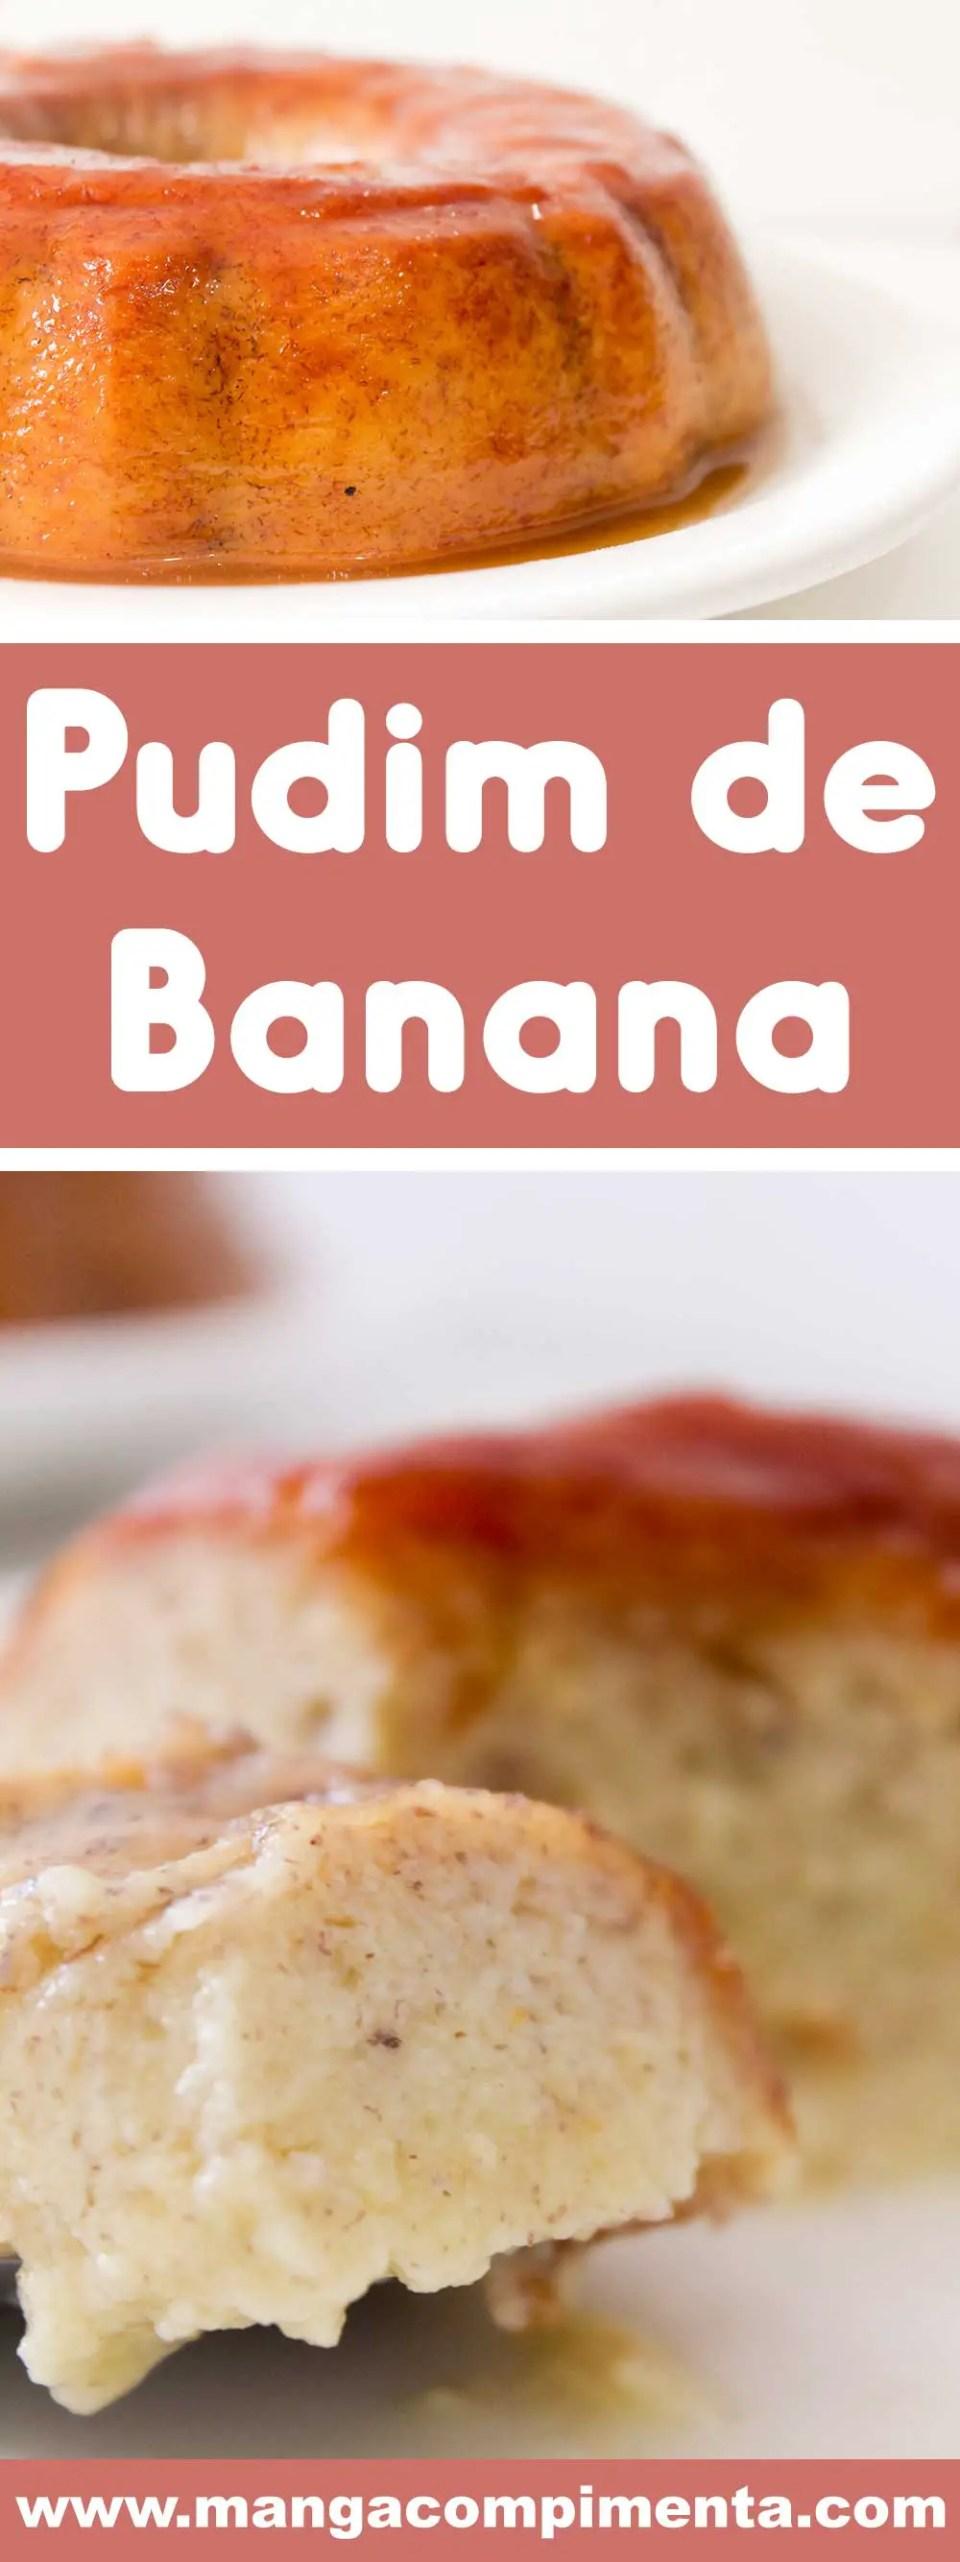 Receita de Pudim de Banana - uma sobremesa deliciosa e super fácil de fazer!